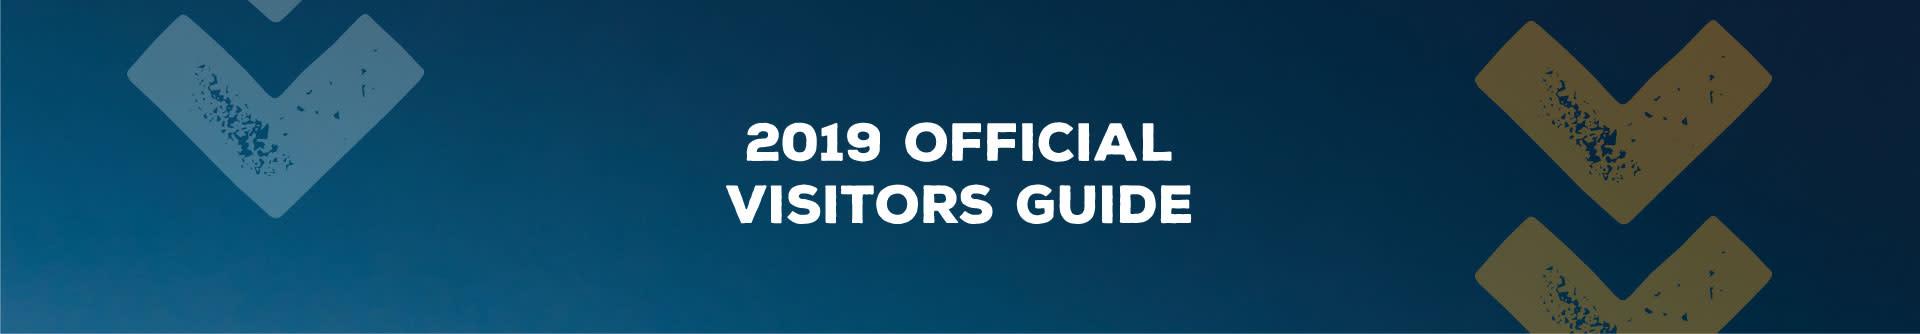 2019 Visitor Guide Header Interior